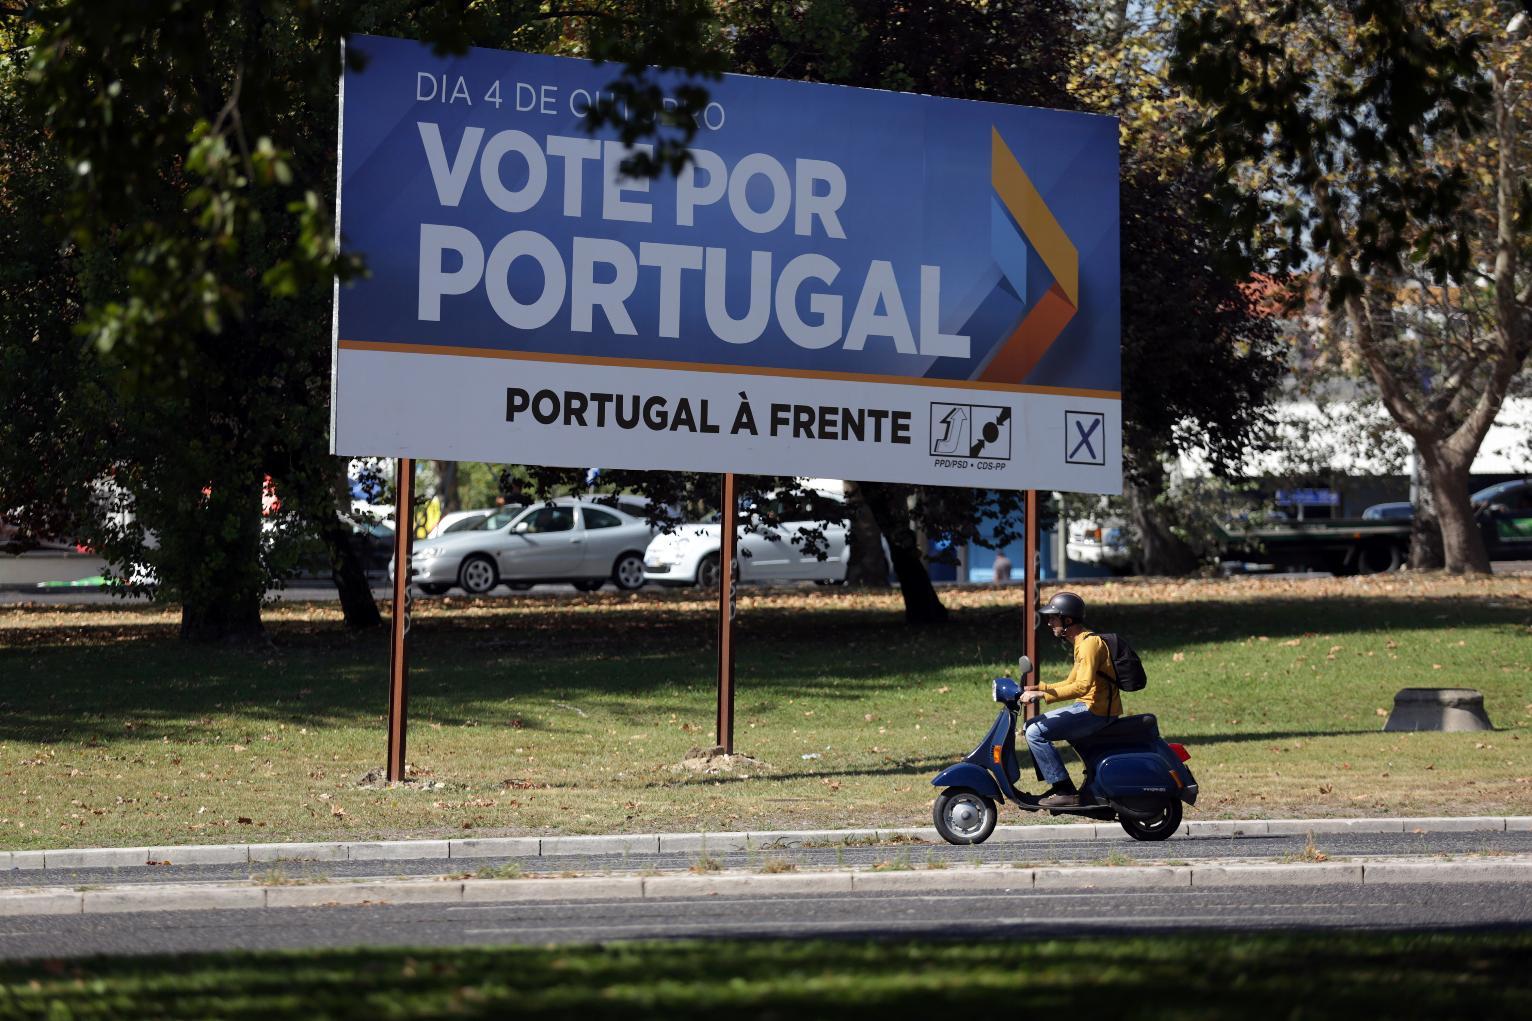 risultati elezioni portogallo governo portogallo